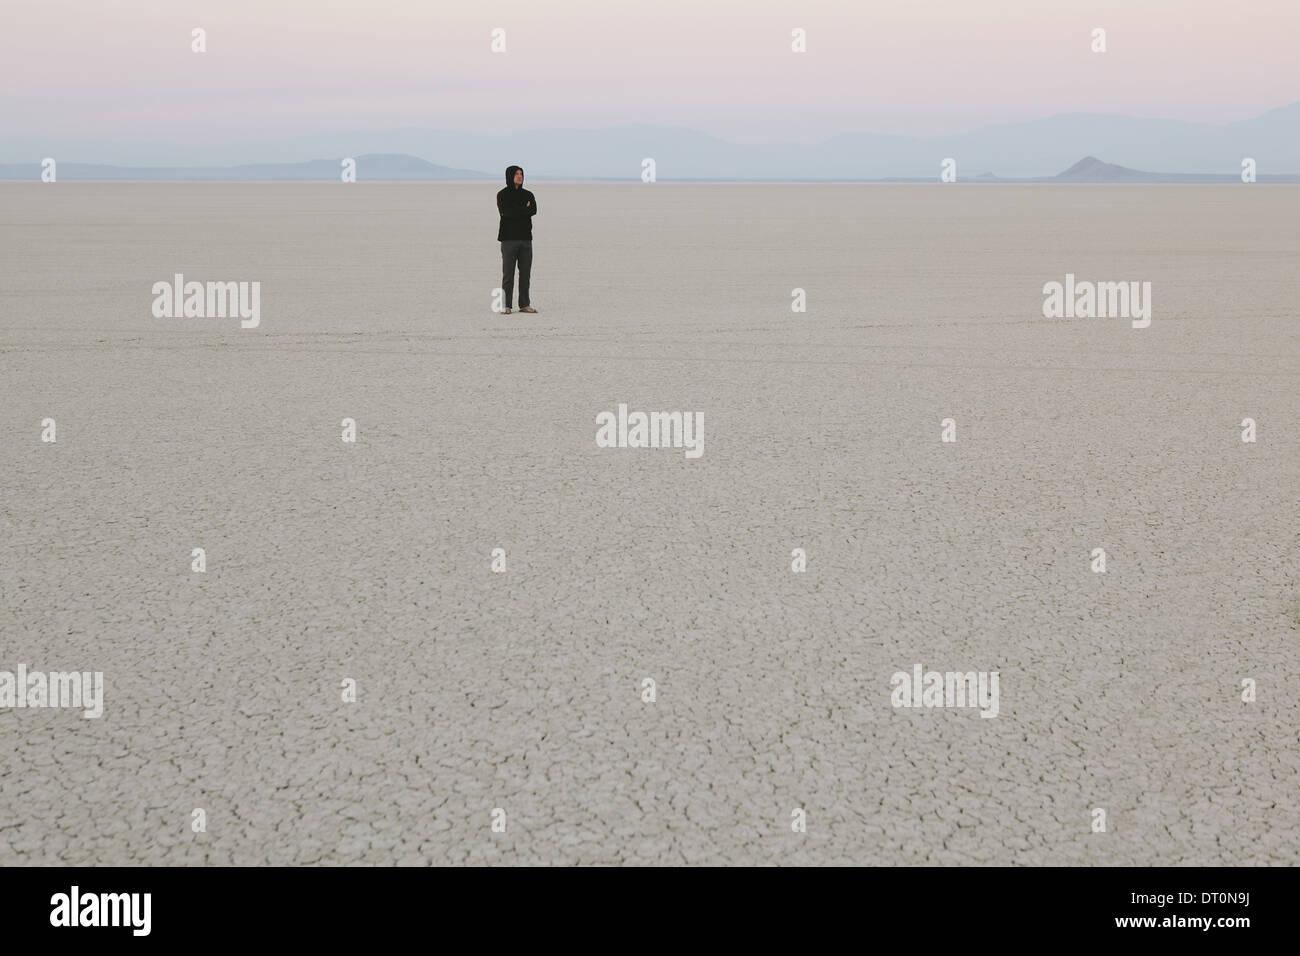 Desierto Black Rock de Nevada EE.UU. Hombre de pie en el vasto desierto paisaje Imagen De Stock